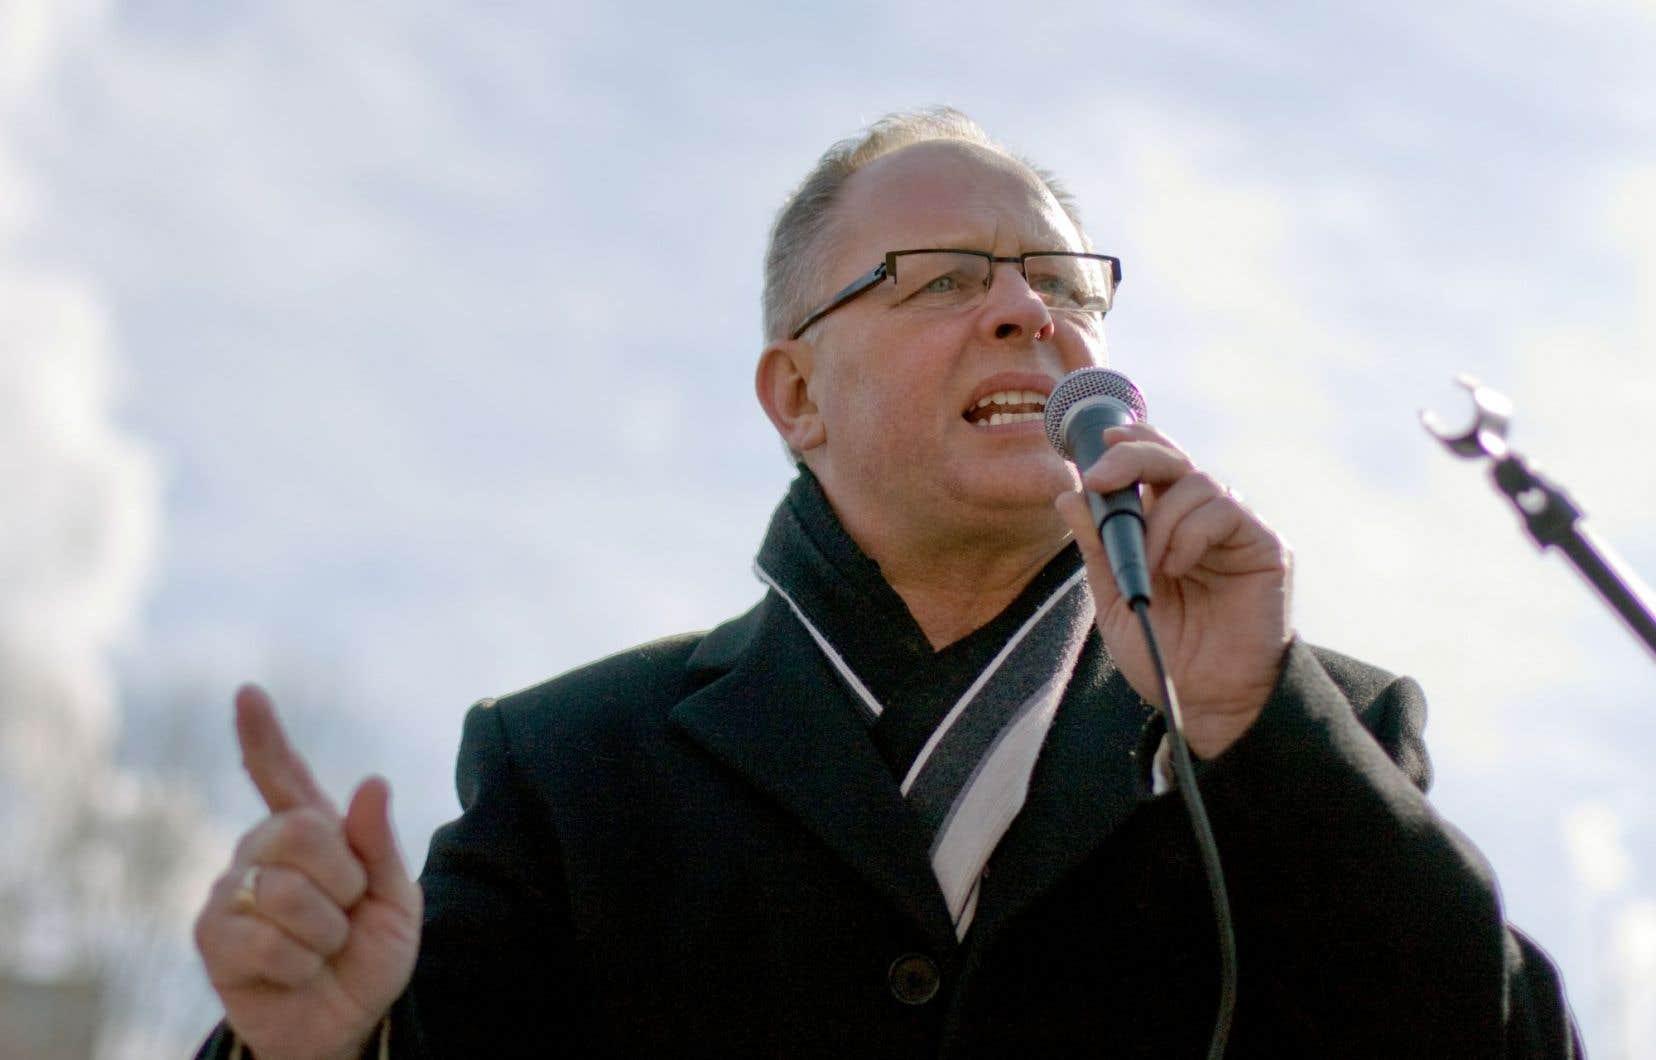 Sid Ryan déplore le virage centriste pris par le NPD sous la gouverne de Thomas Mulcair et plaide pour un retour aux idées de gauche.